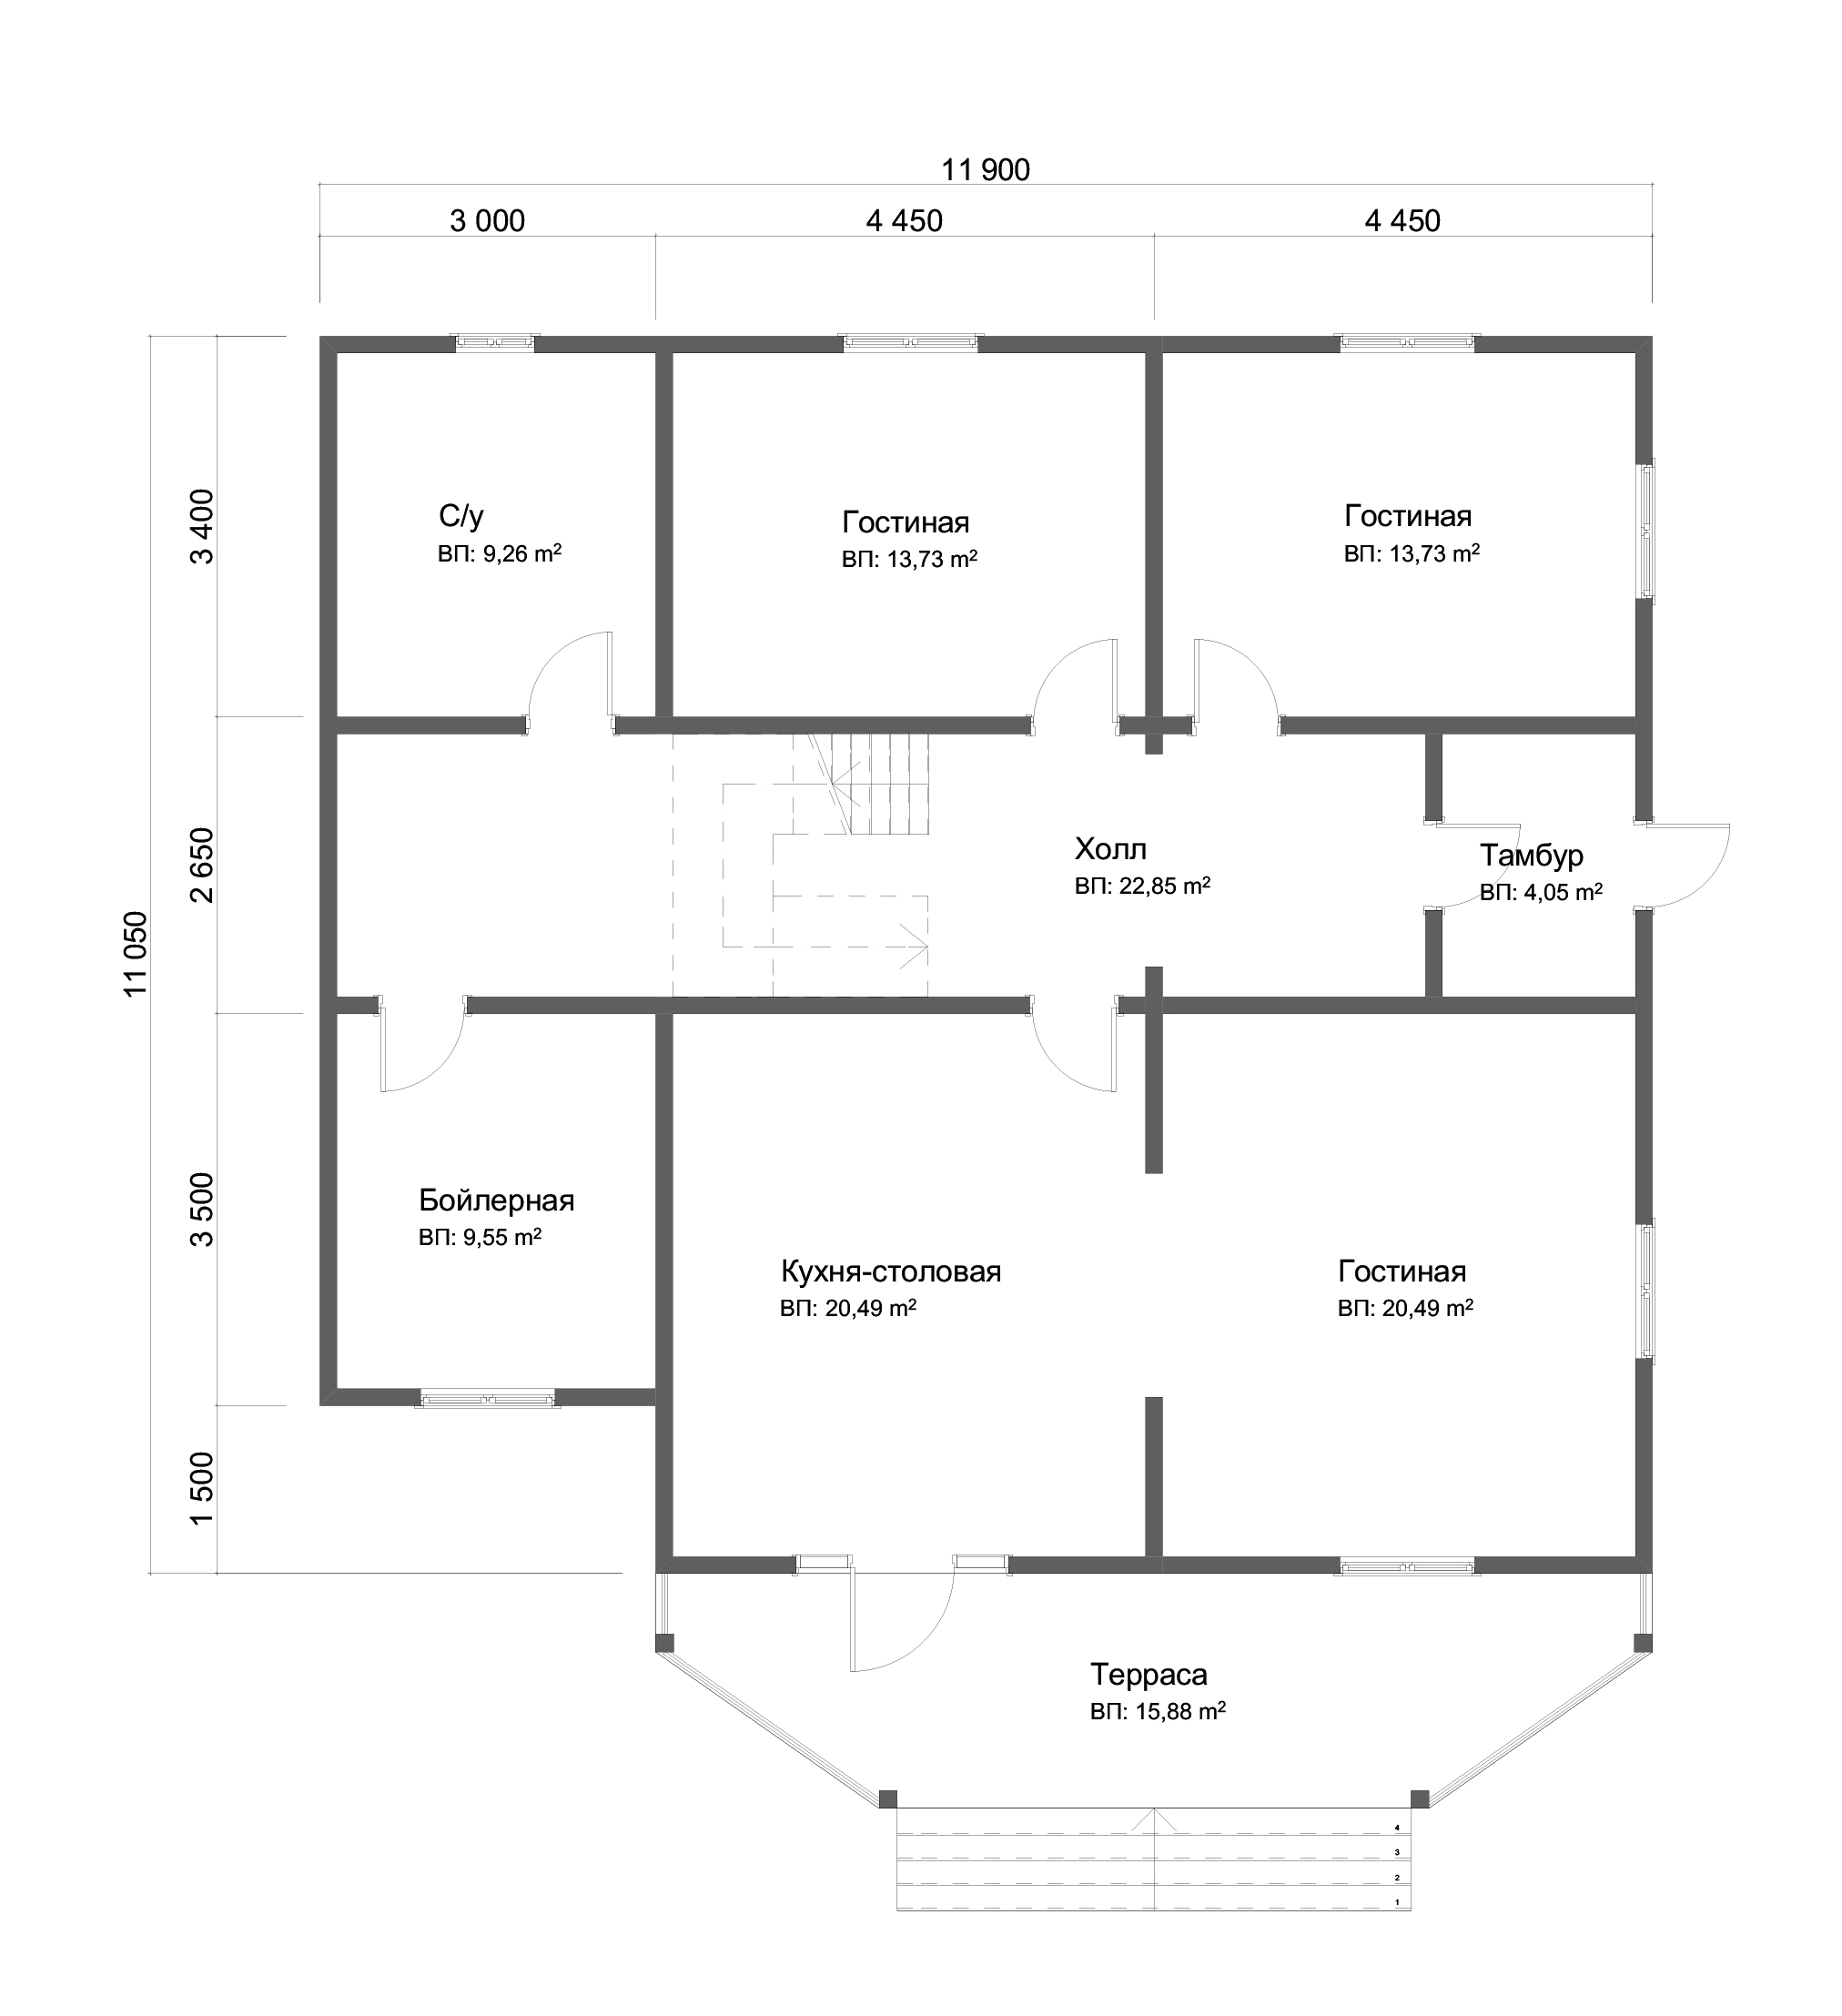 Проект дома из бруса 11х12 2 этажа с крыльцом и террасой. План 1-го этажа.